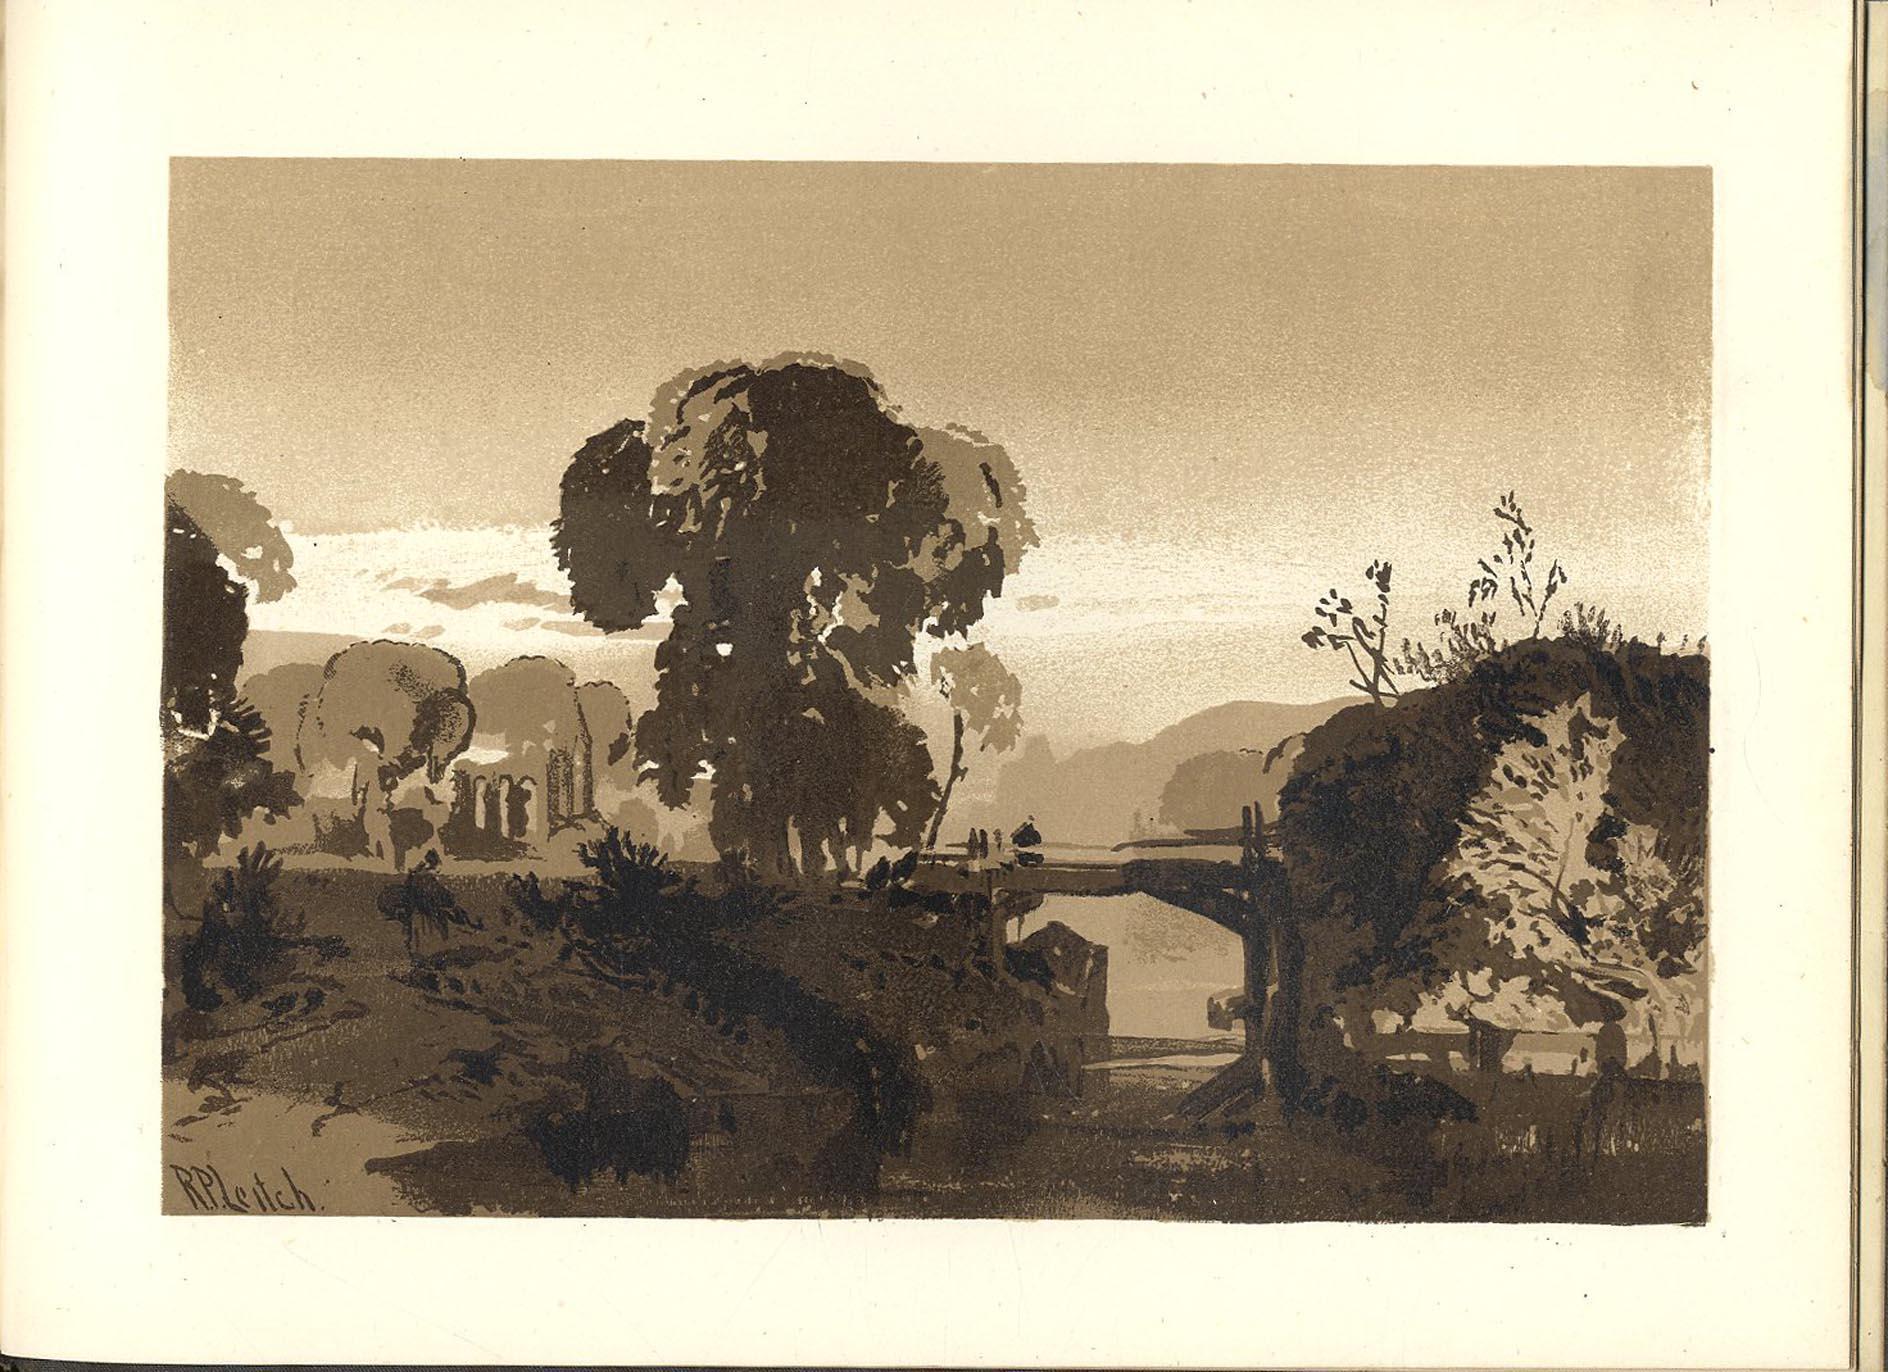 SH622.jpg (1888×1372)